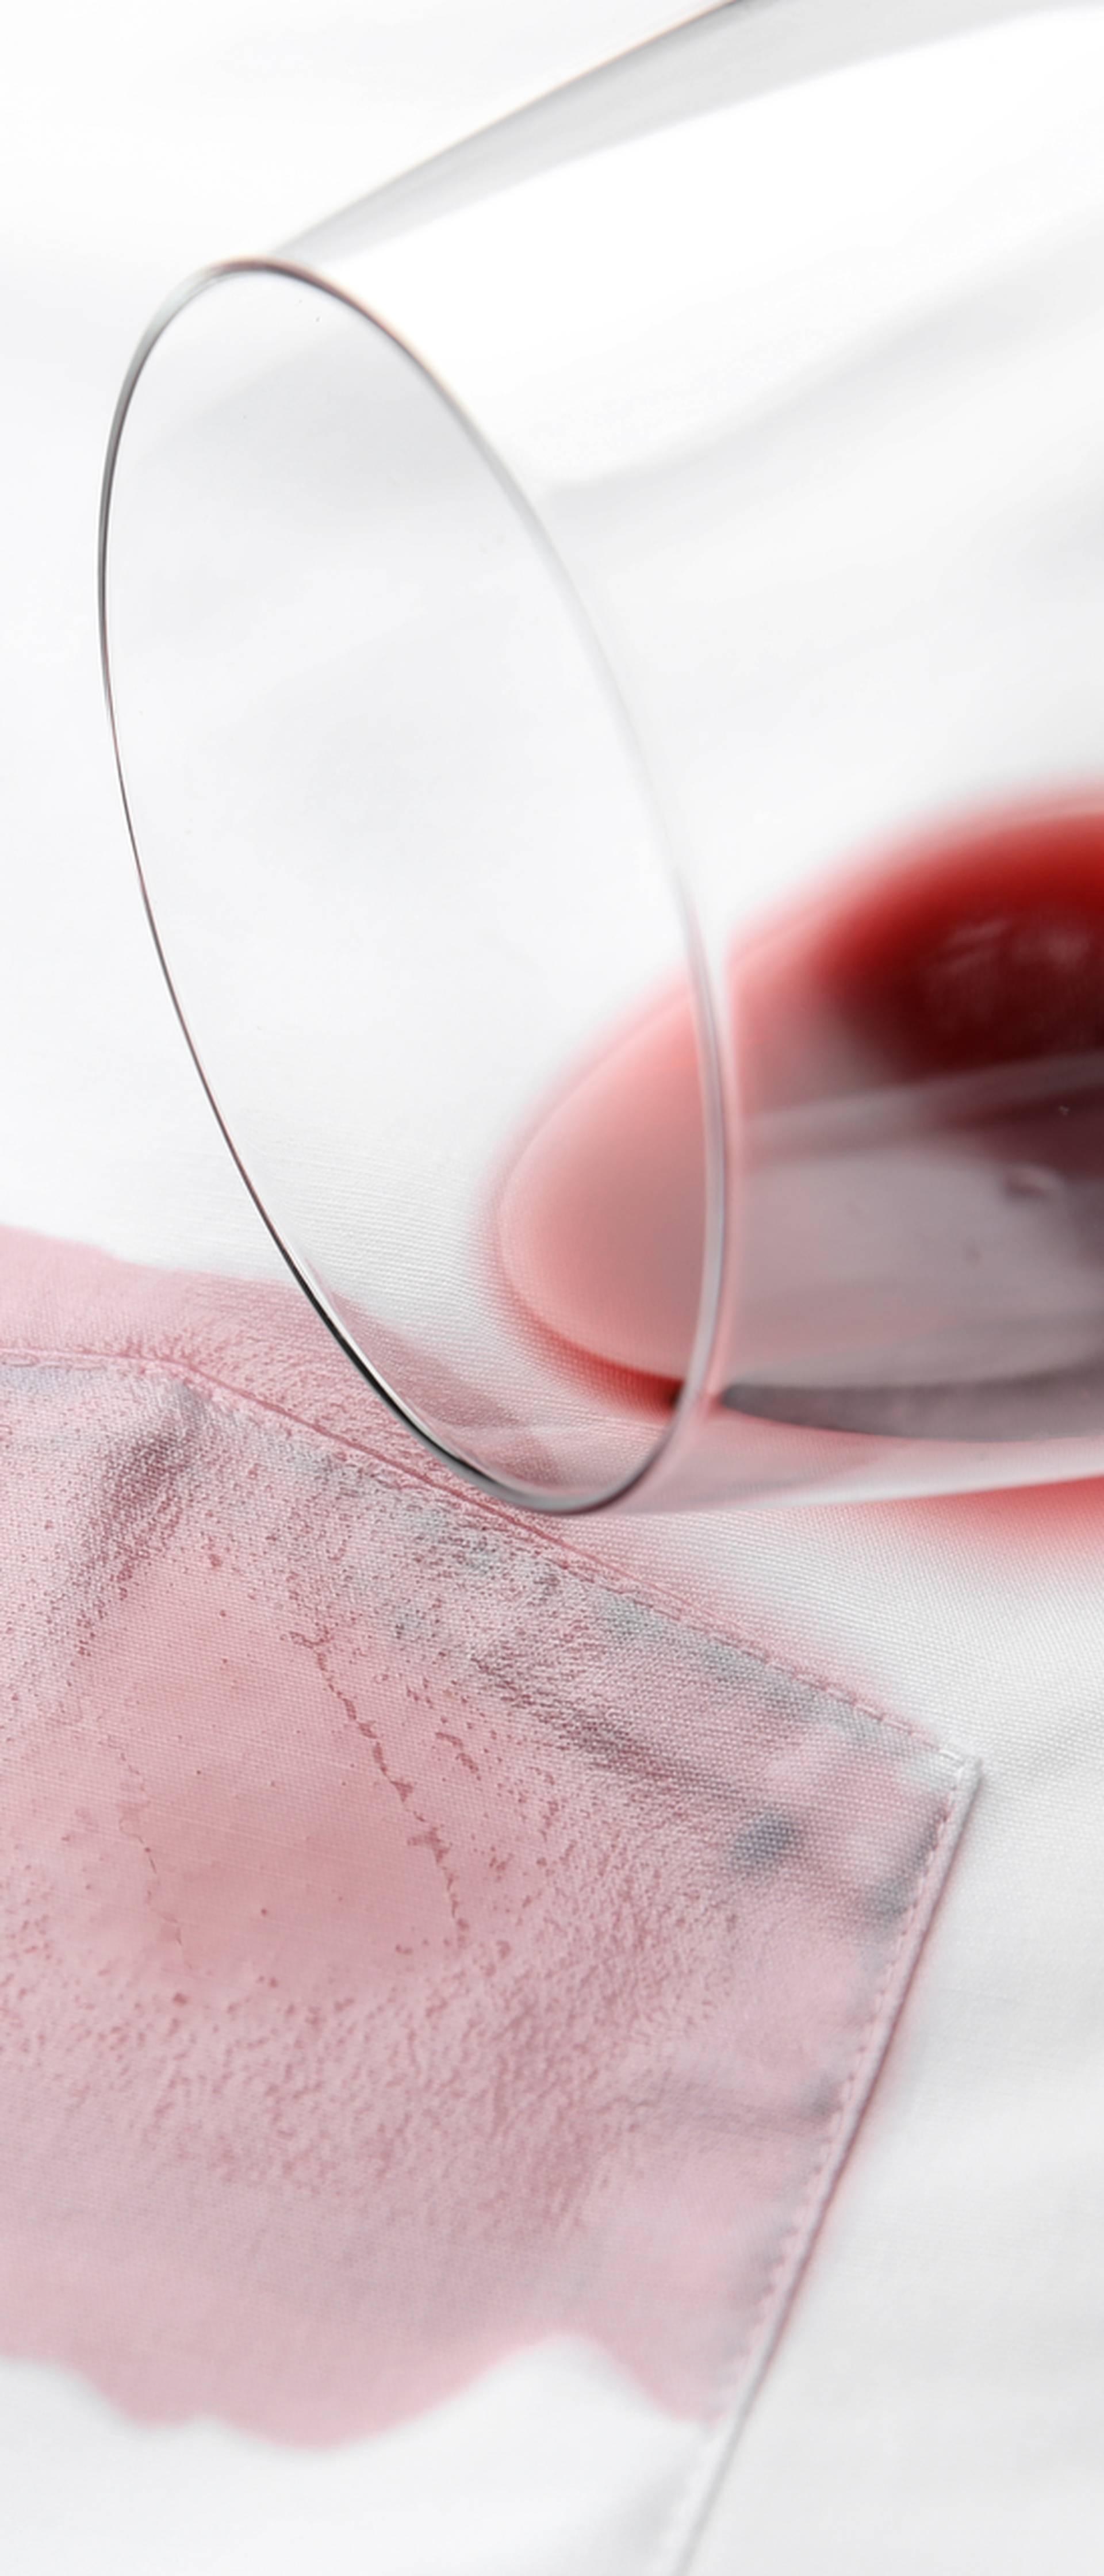 Super trik kako ukloniti mrlju od crnog vina sa svih tkanina